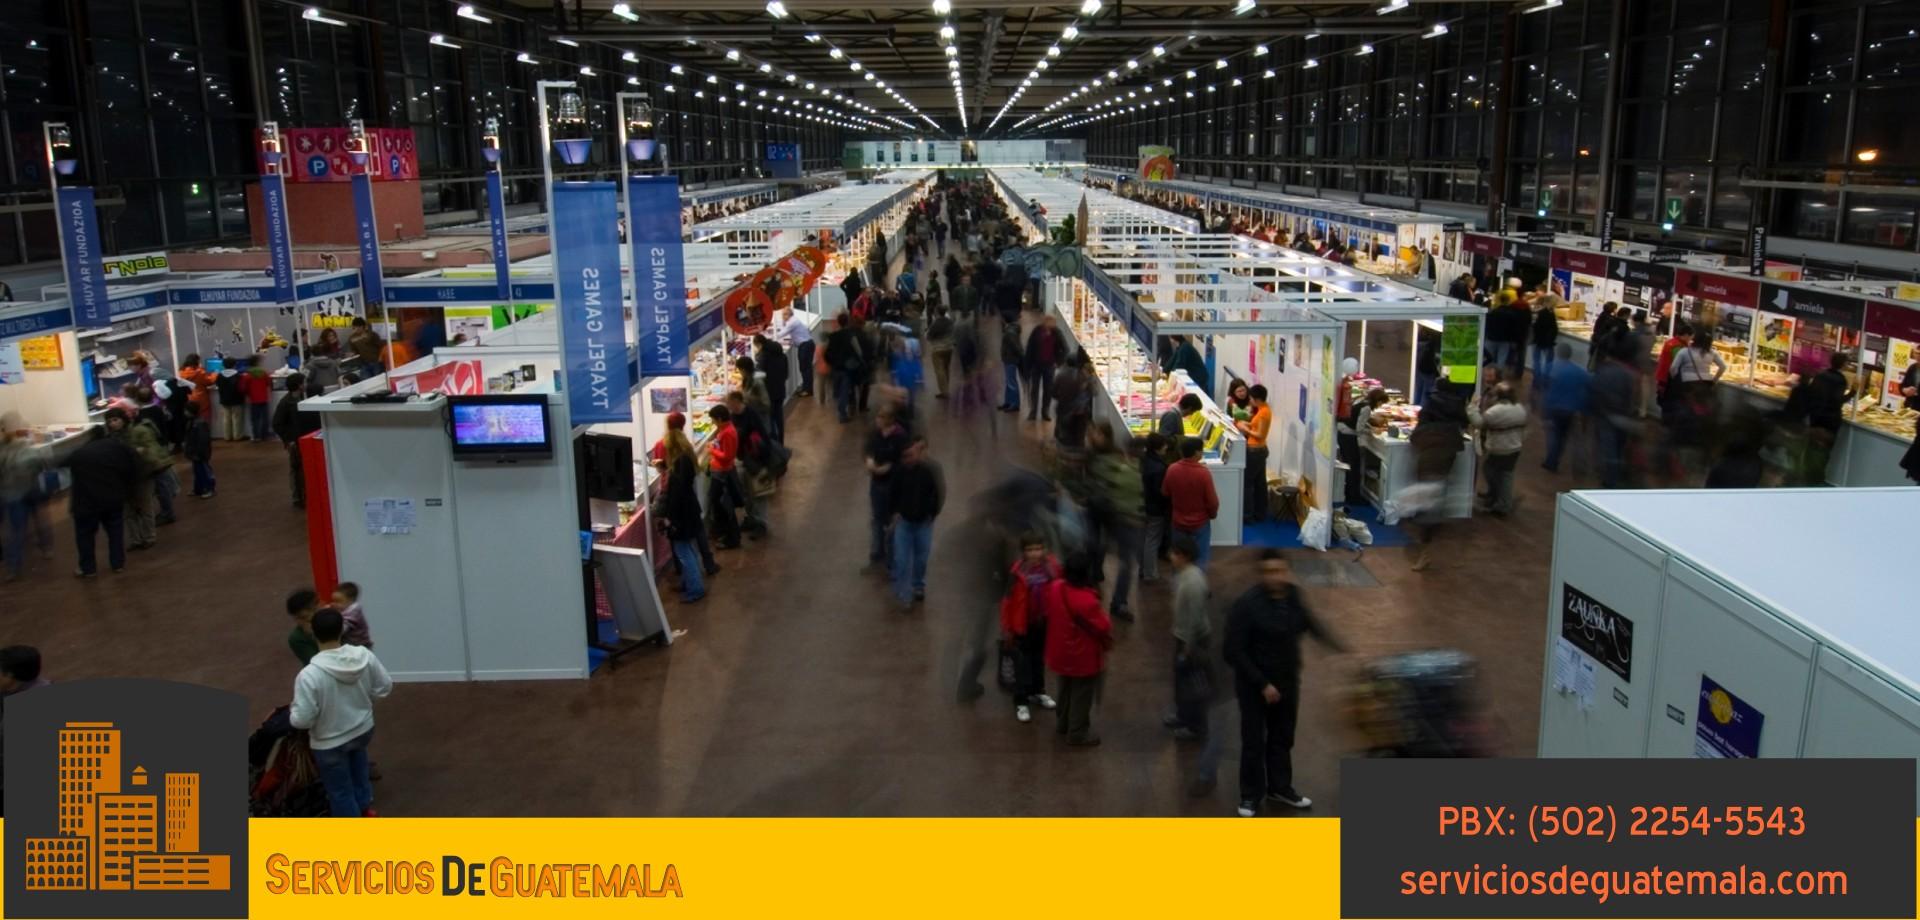 stands_modulares_creativos_modulares_para_exhibicion_de_productos_congresos_areas_abiertas_diseño_de_stands_en_guatemala_servicios_de_guatemala